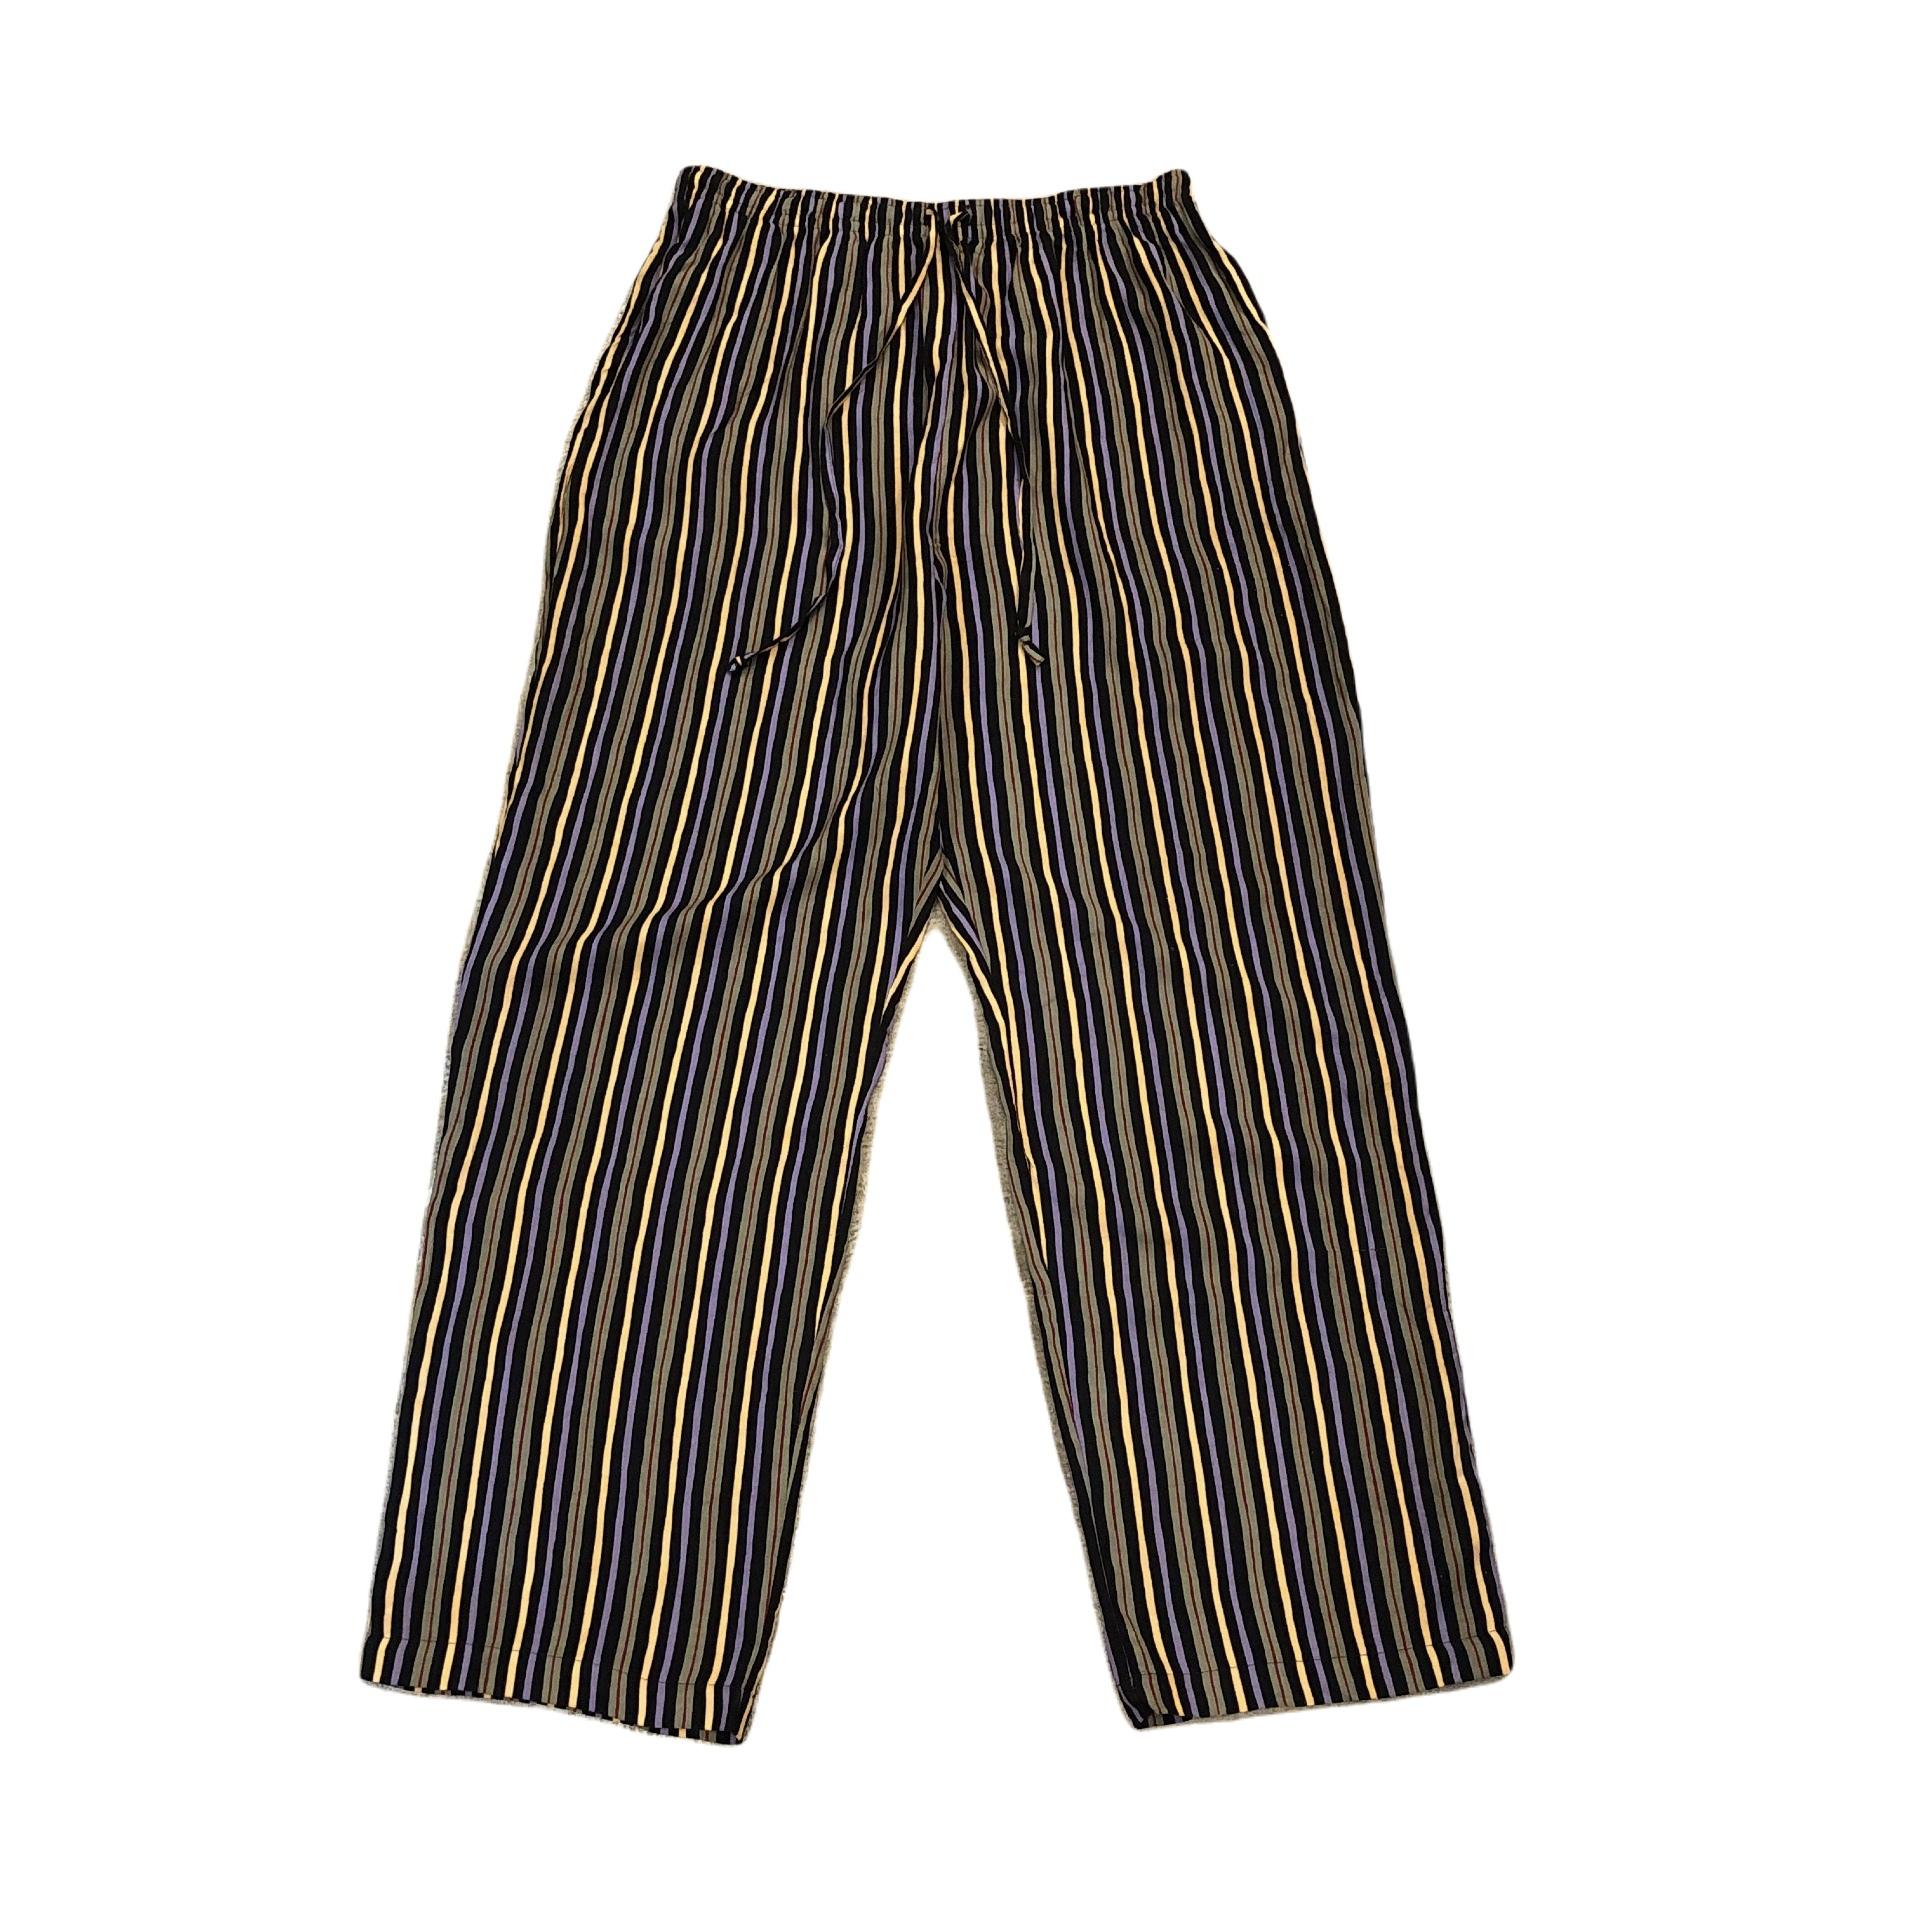 Sag Harbor Stripe Pants ¥6,200+tax